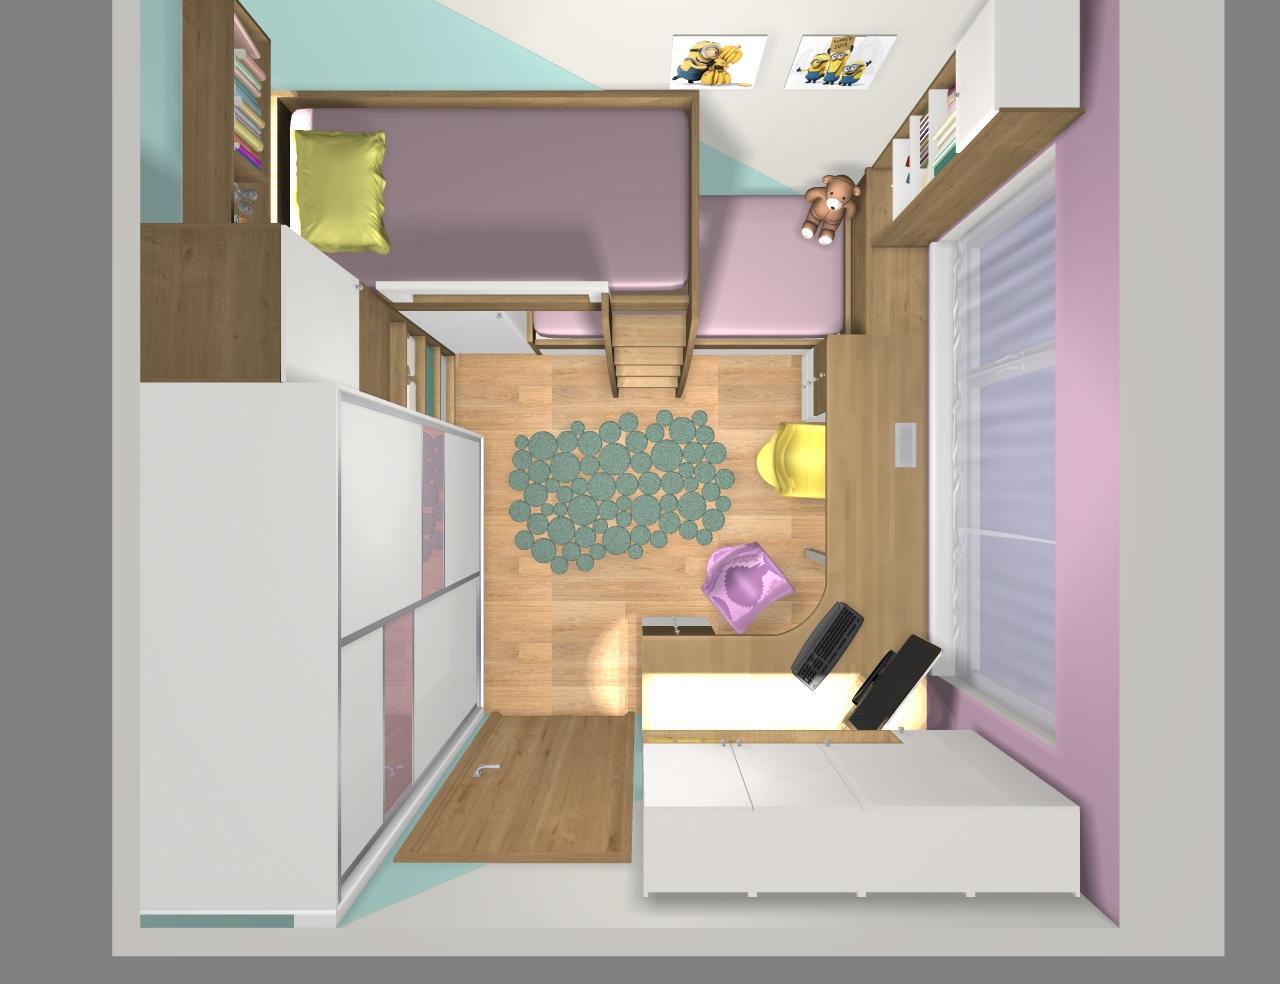 Grafické návrhy interiér 2019 - Grafický návrh detskej izby pre dve dievčatká - verzia 1 - obr.10